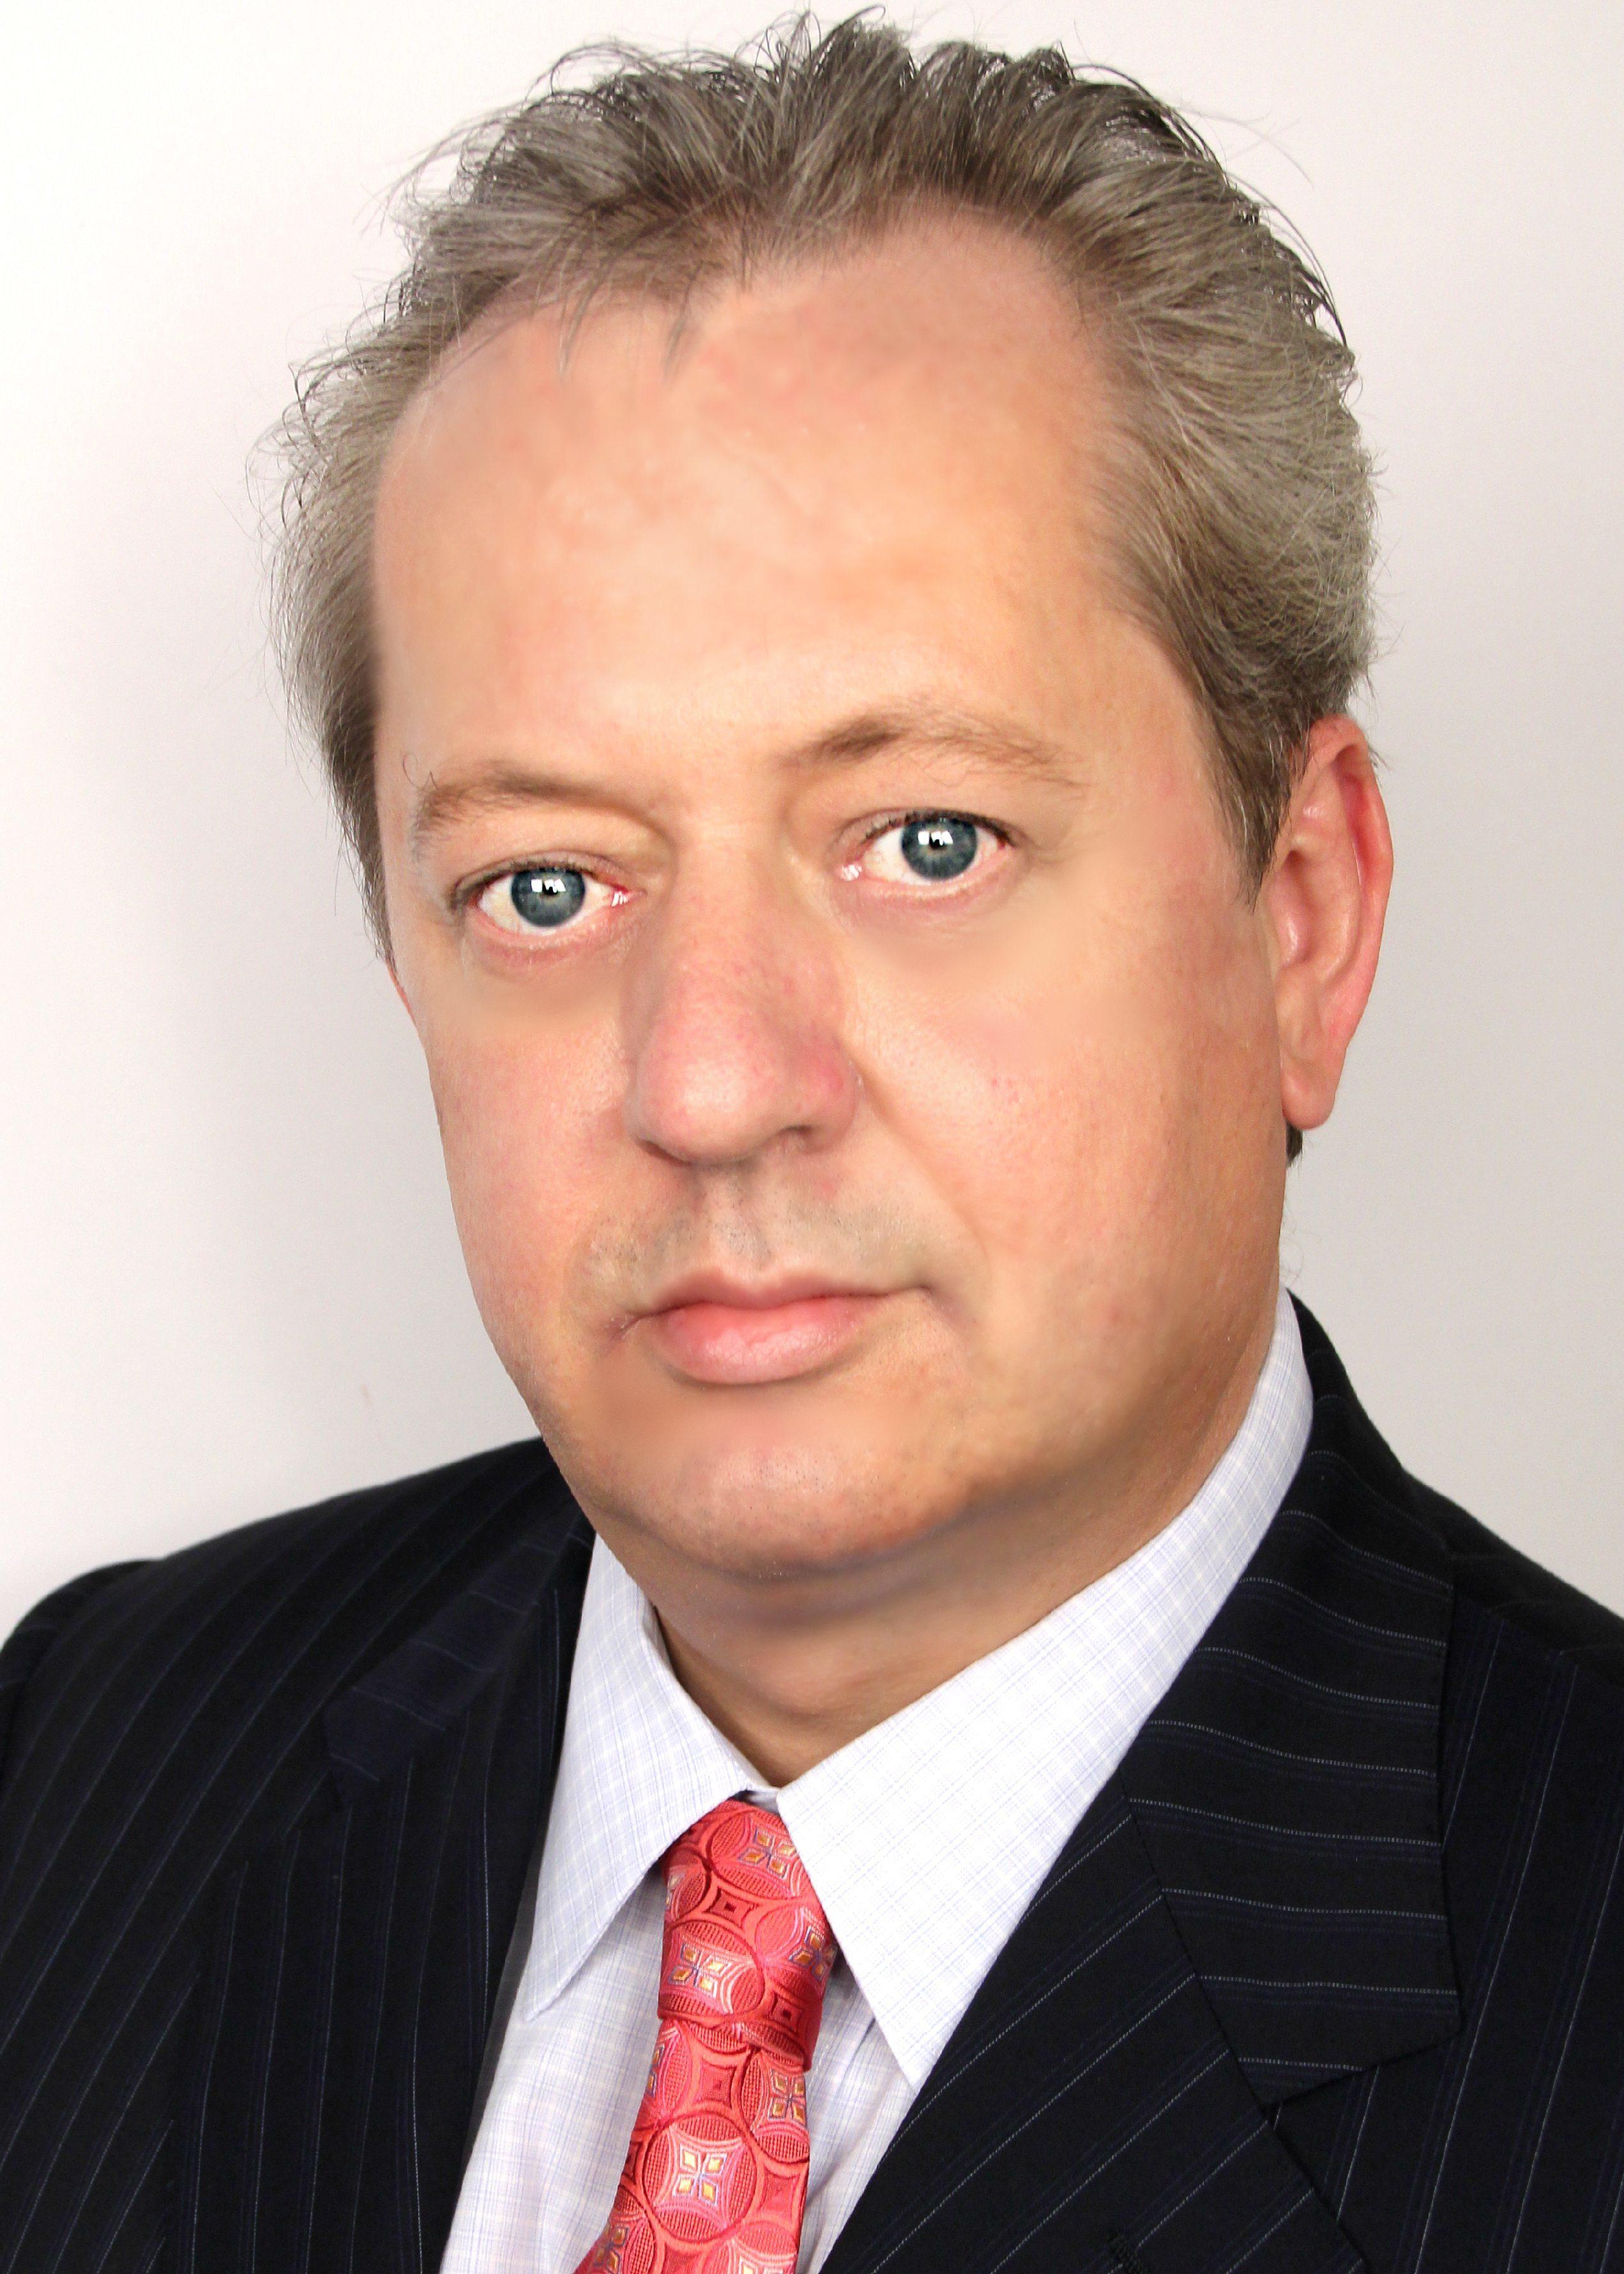 Henry Nisser